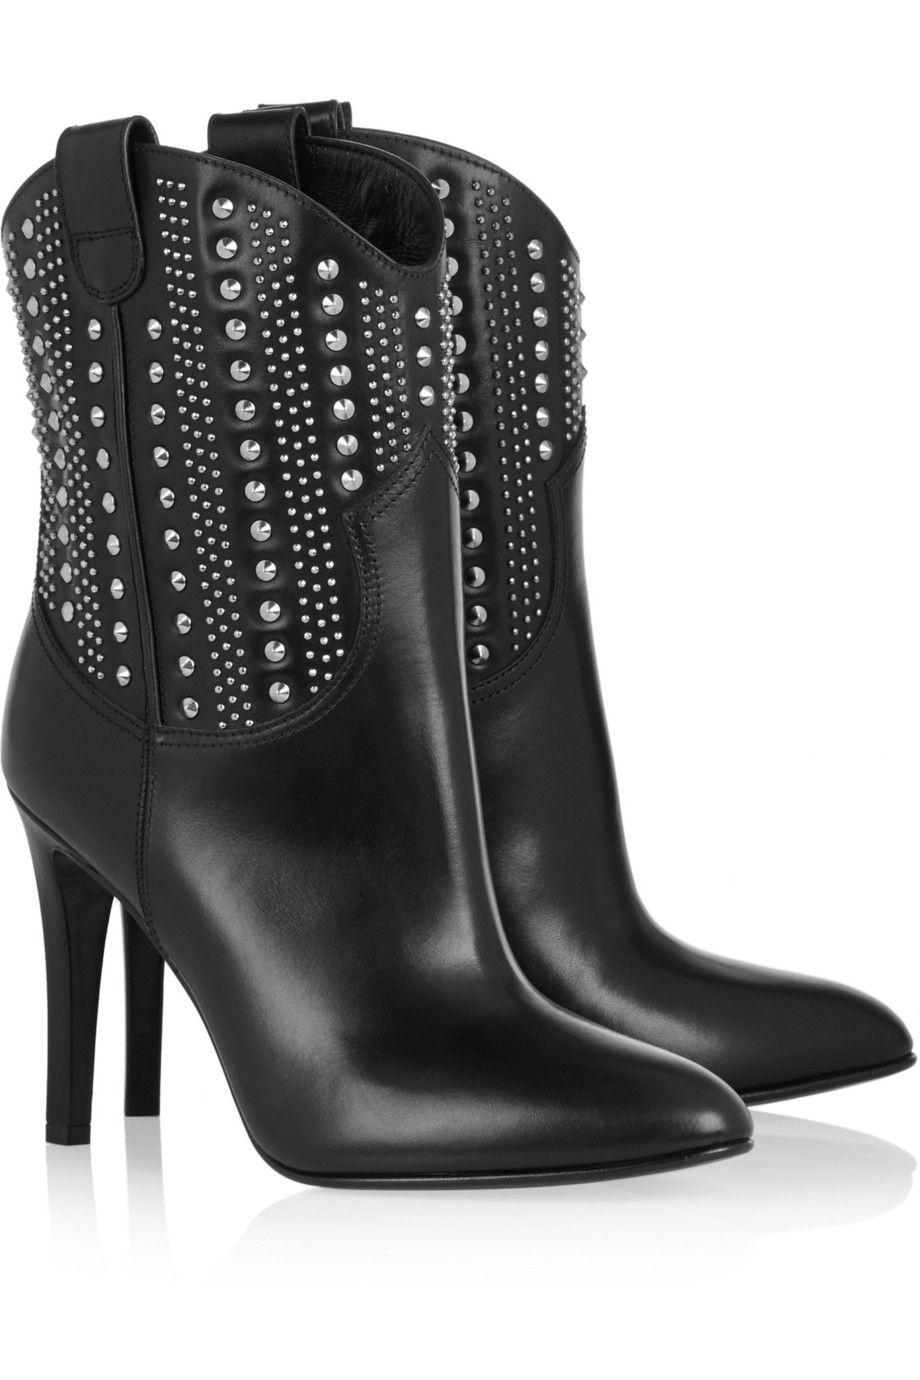 Classic Fashion Saint Laurent Ankle Boots Leather Black Debbie Studded